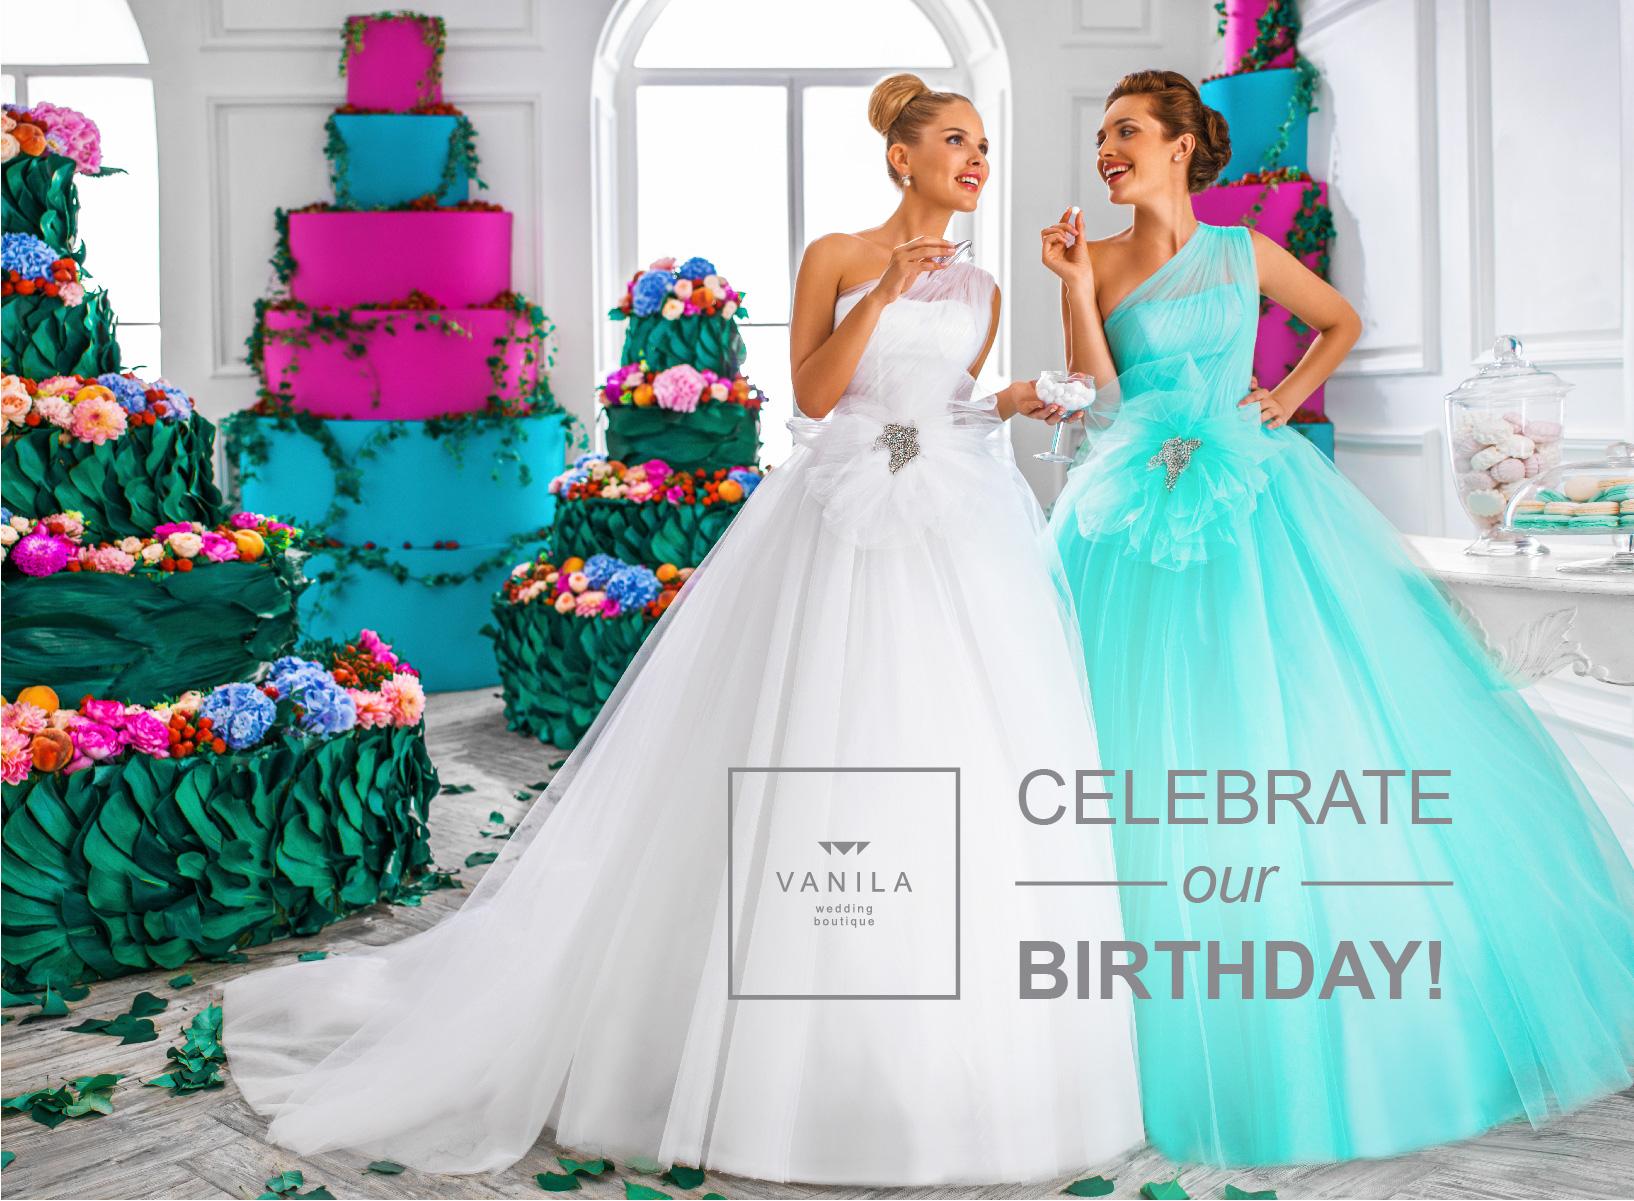 Happy anniversary to VANILA Wedding Boutique…